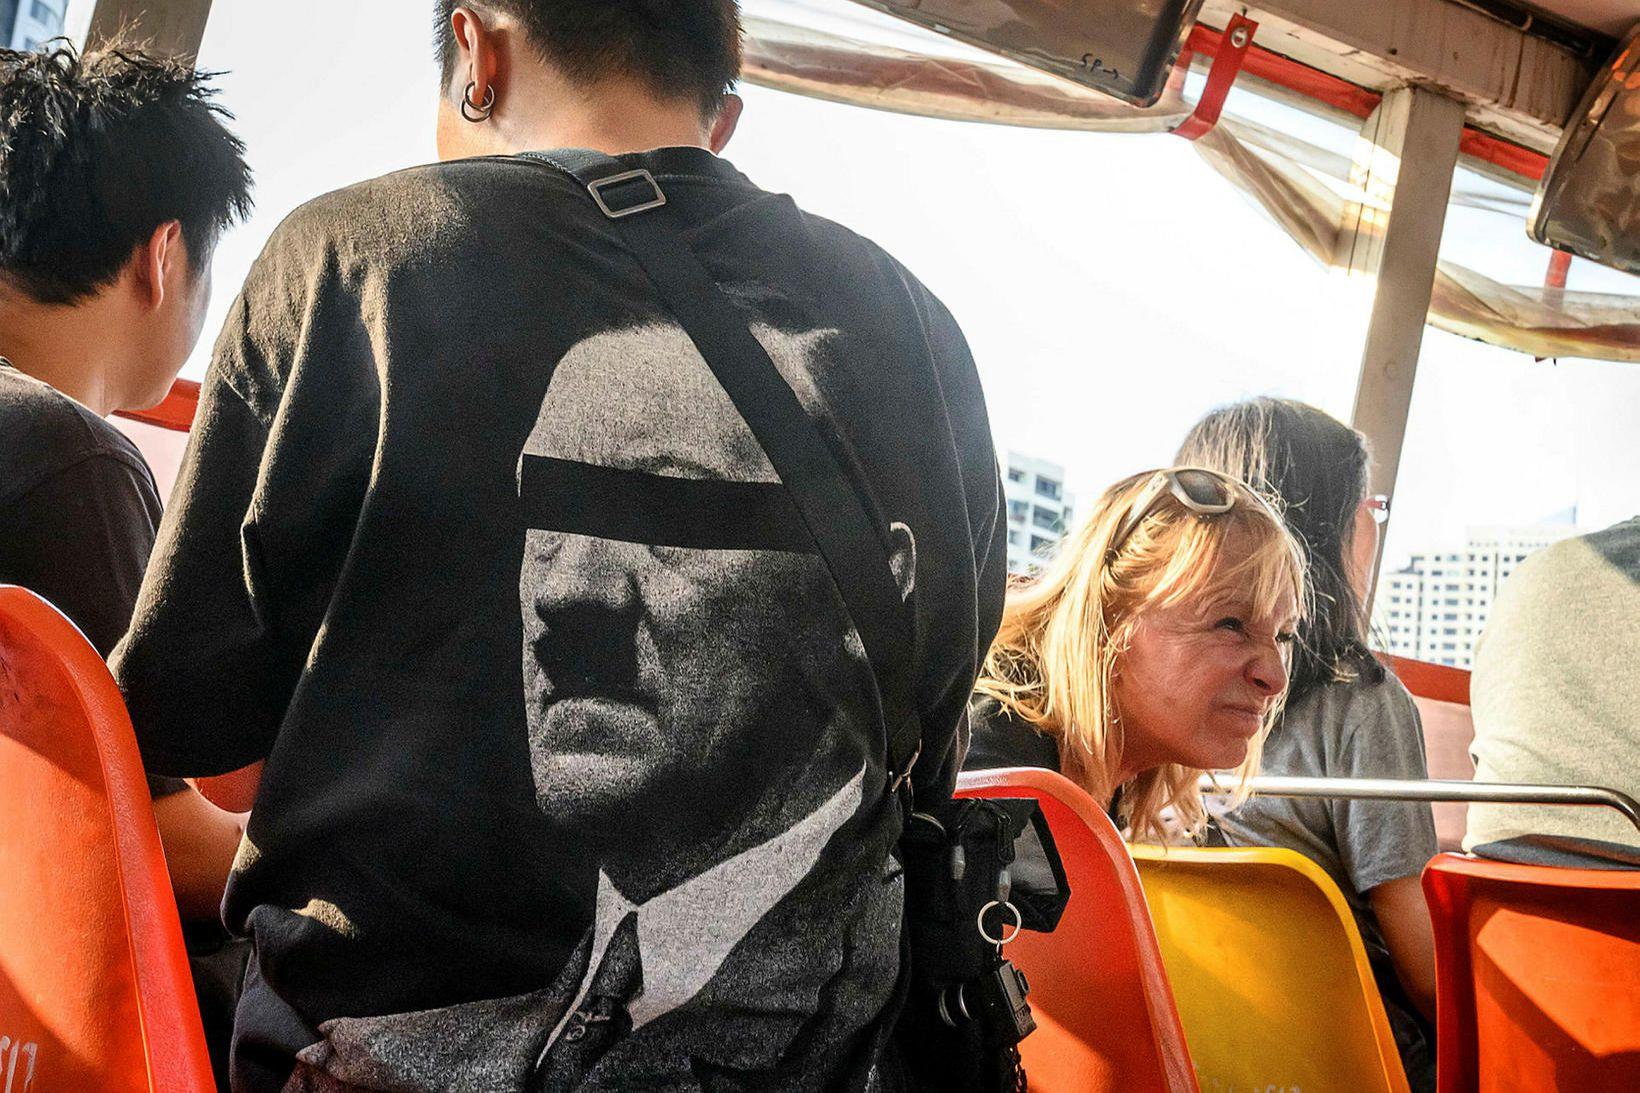 Ferðamaður í Bangkok í stuttermabol merktum Hitler.